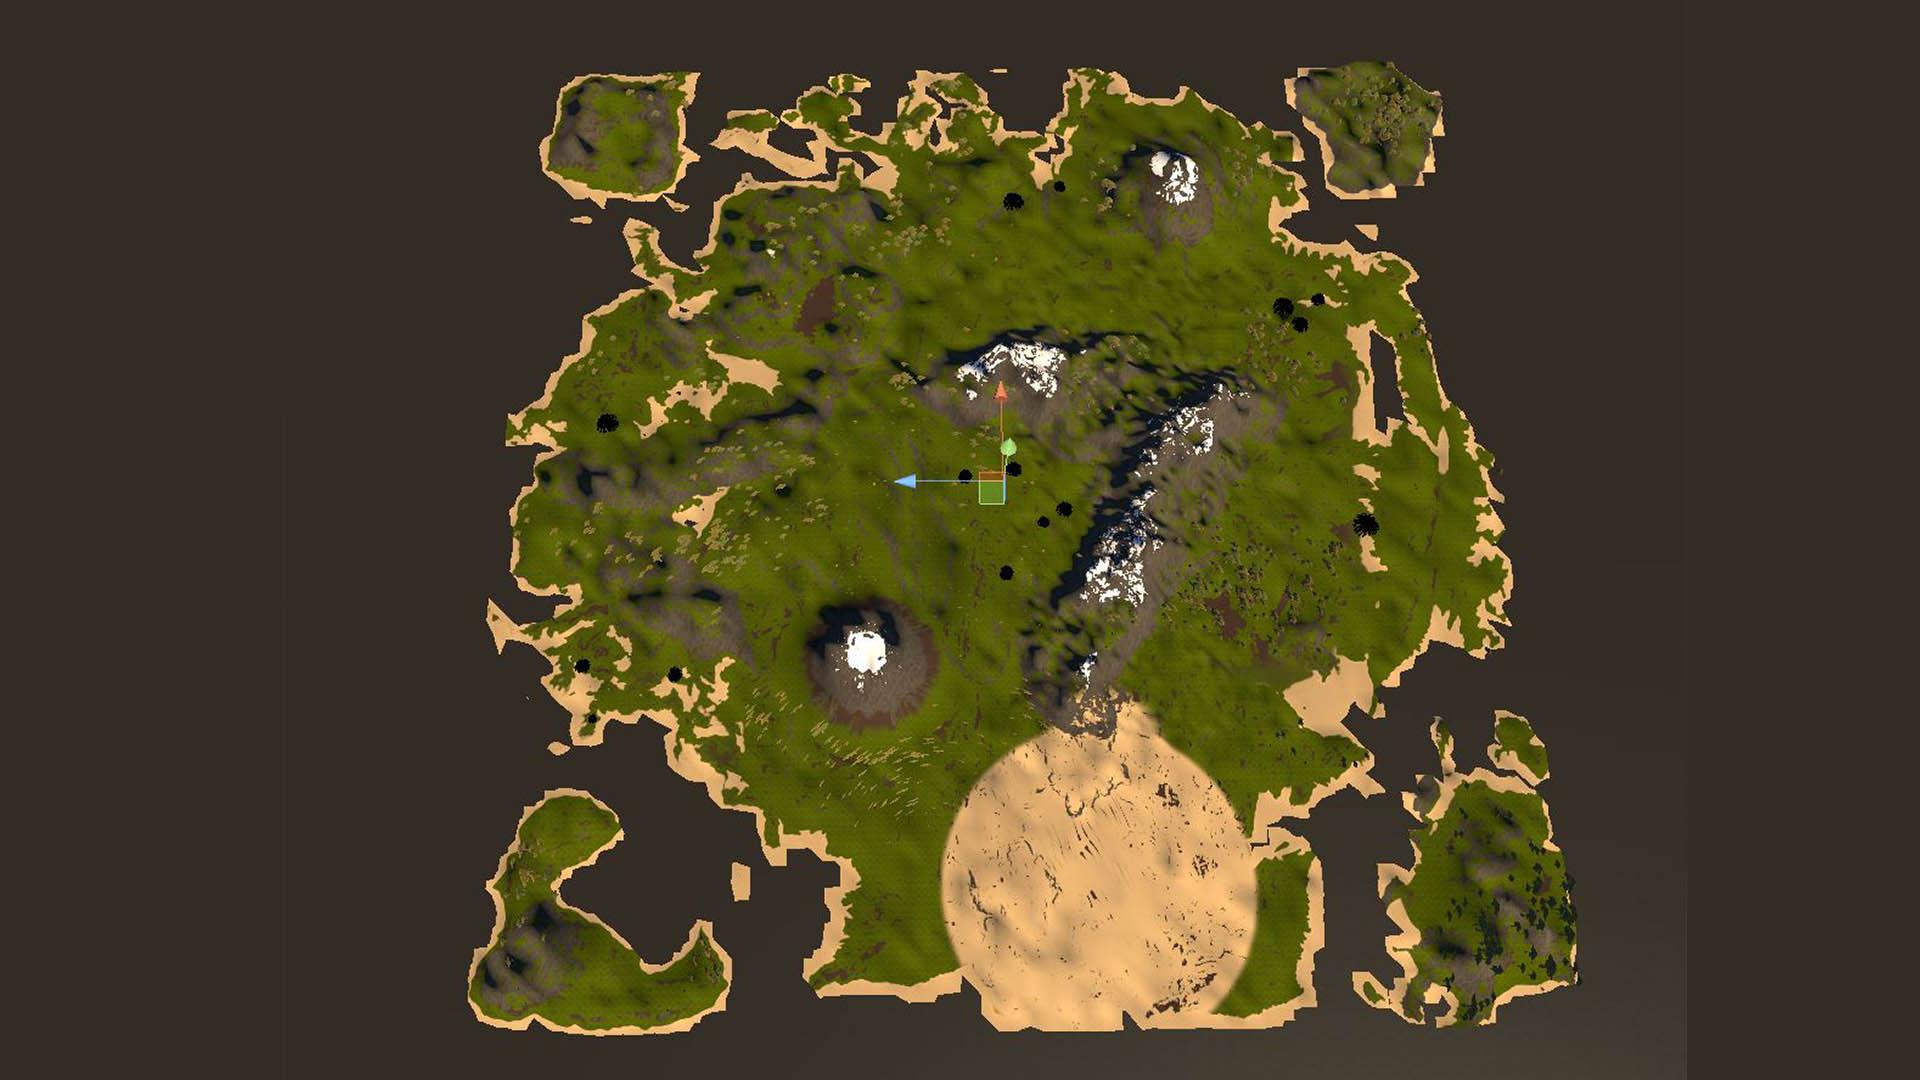 pantropymap